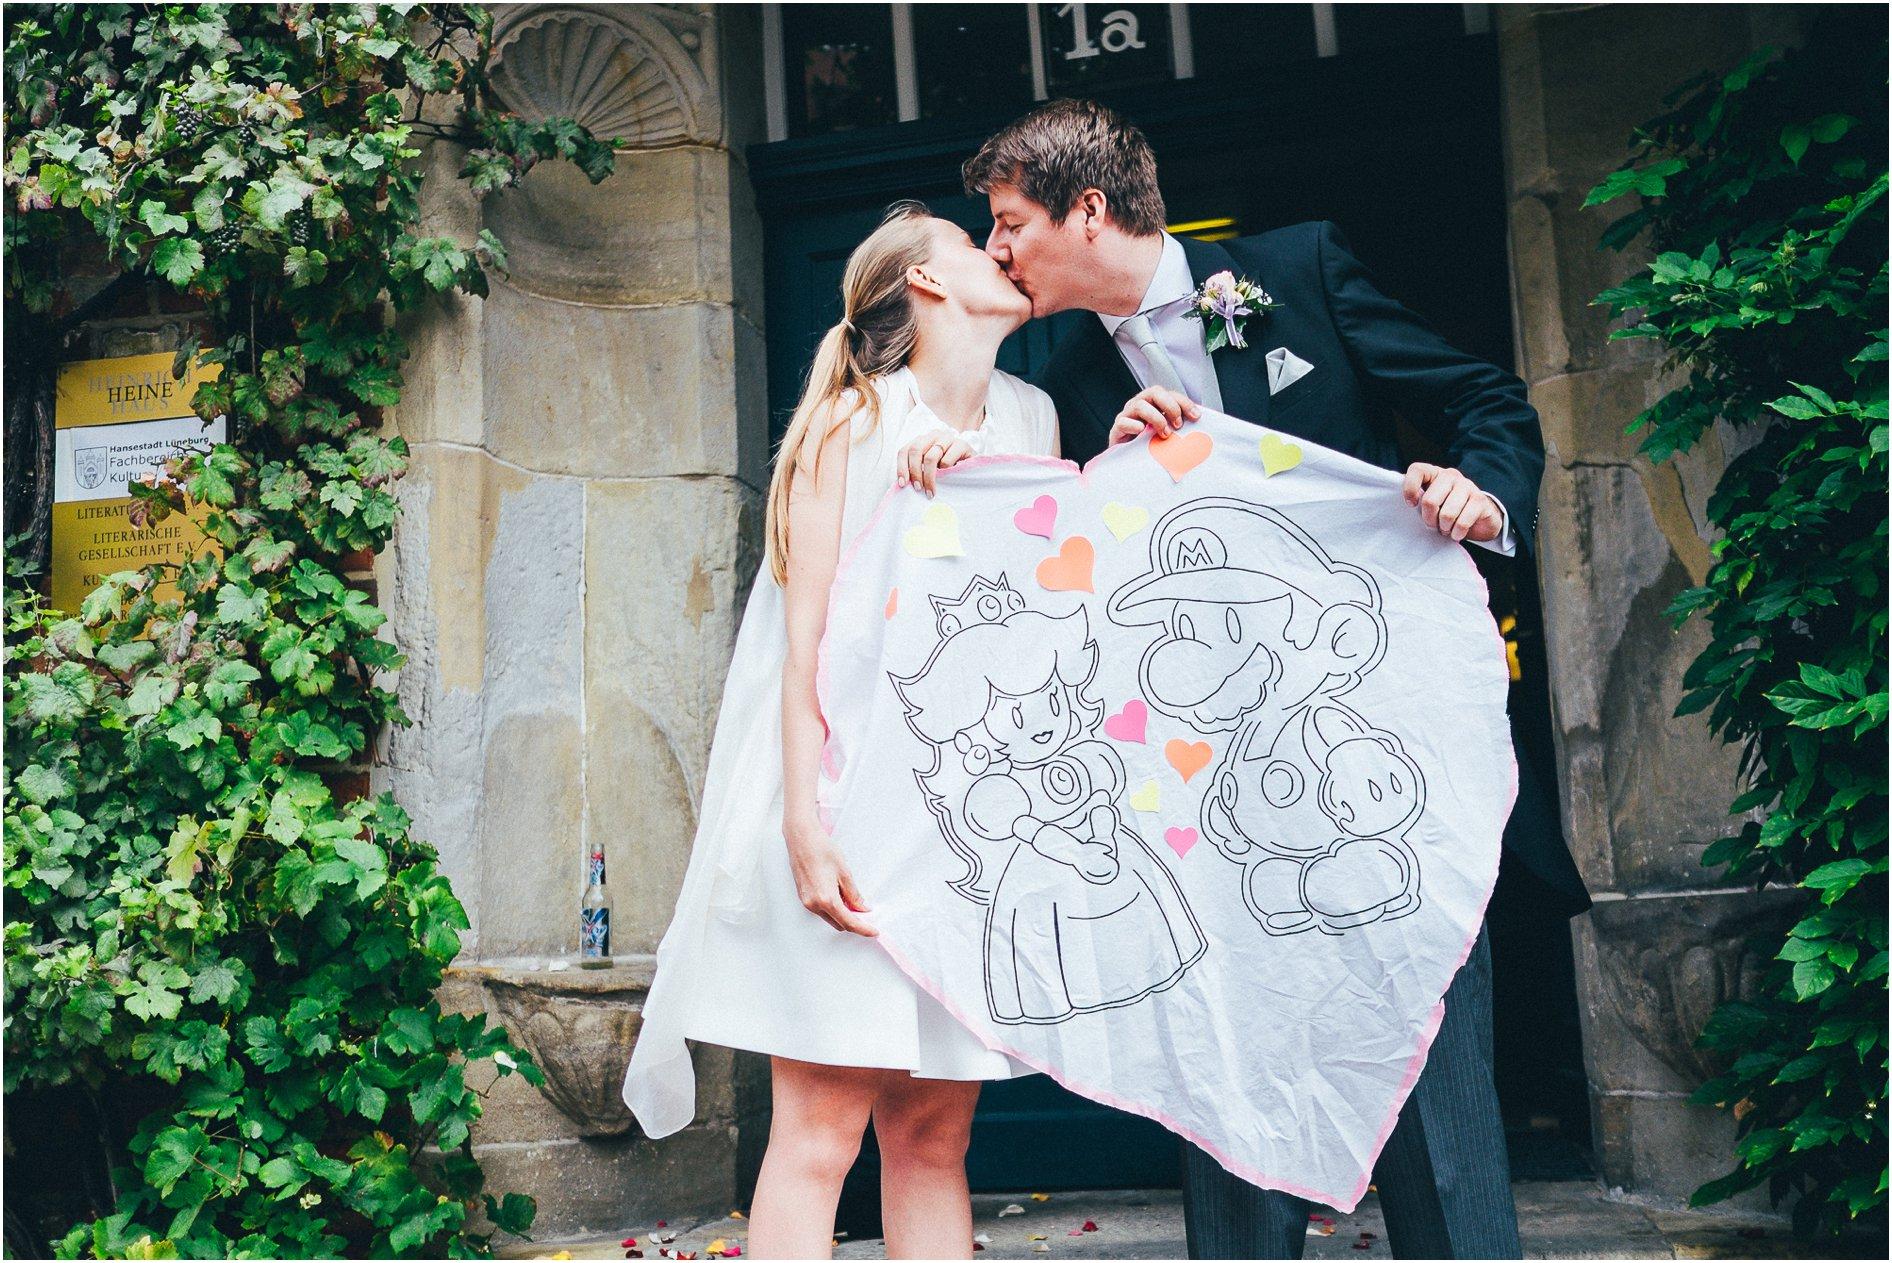 2014-10-13_0043 Jenny & Matthias - Hochzeitsfotograf auf Gut Bardenhagen